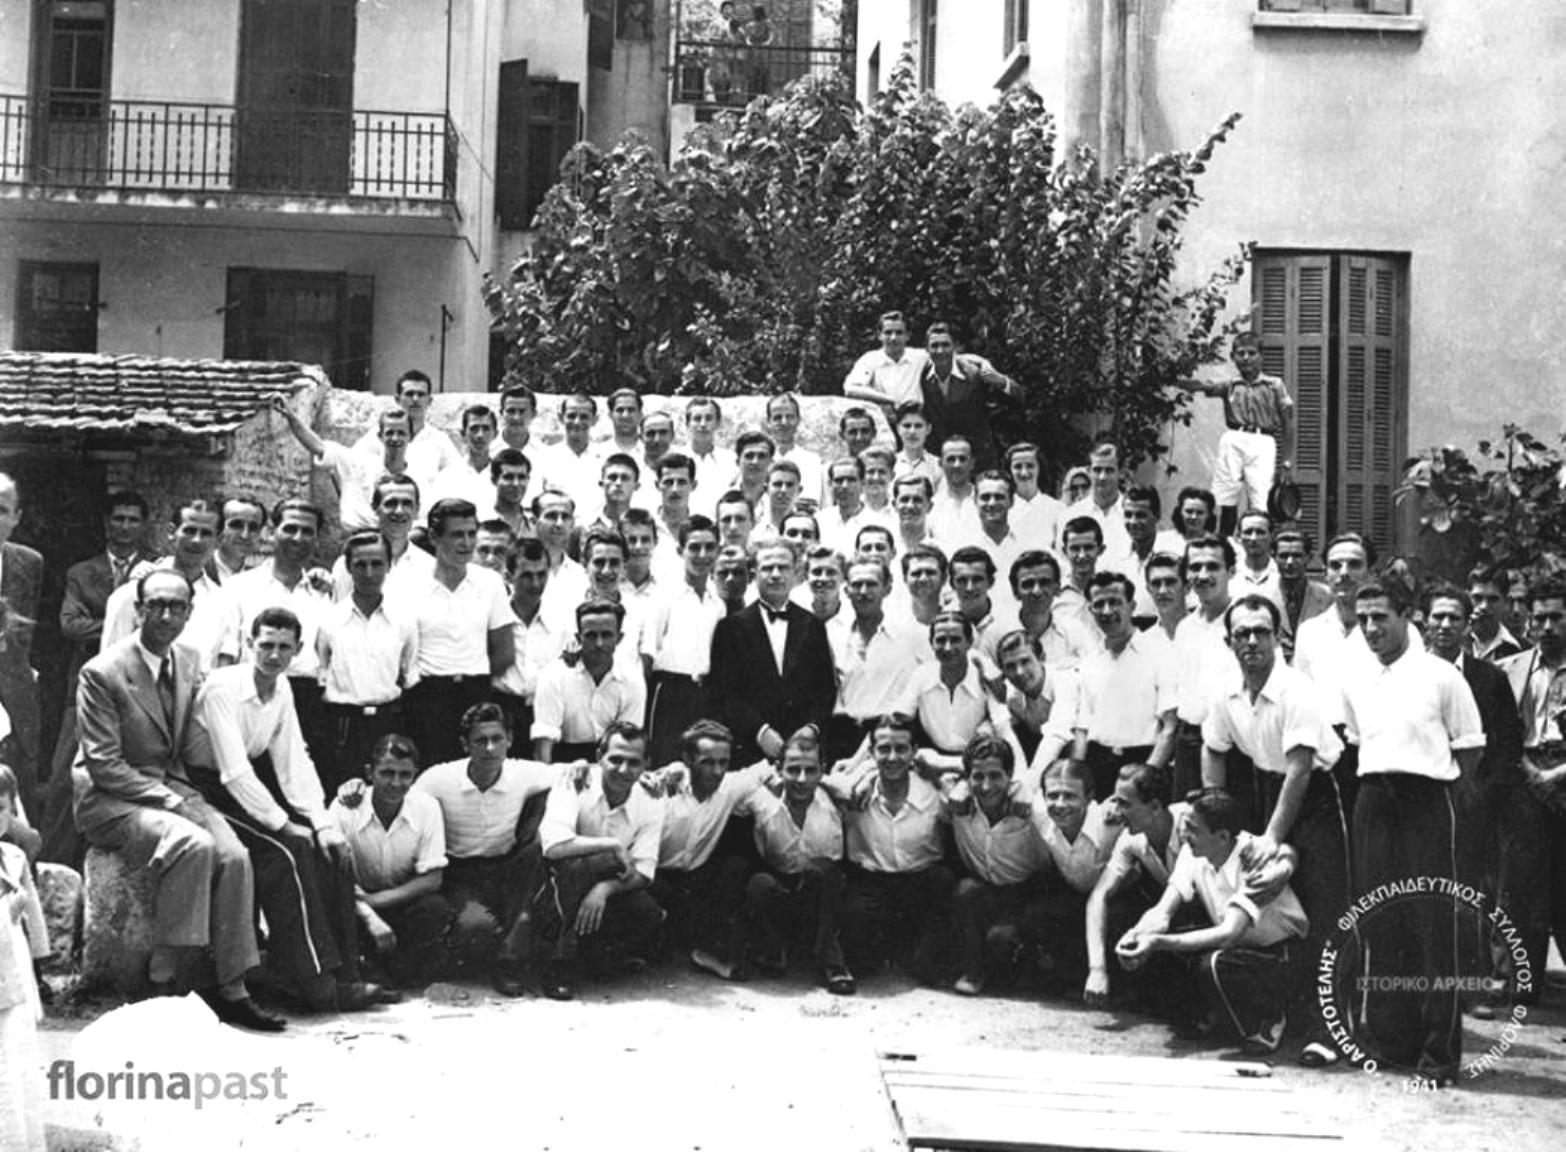 ΑΝΔΡΙΚΗ ΧΟΡΩΔΙΑ ΦΣΦΑ 1943